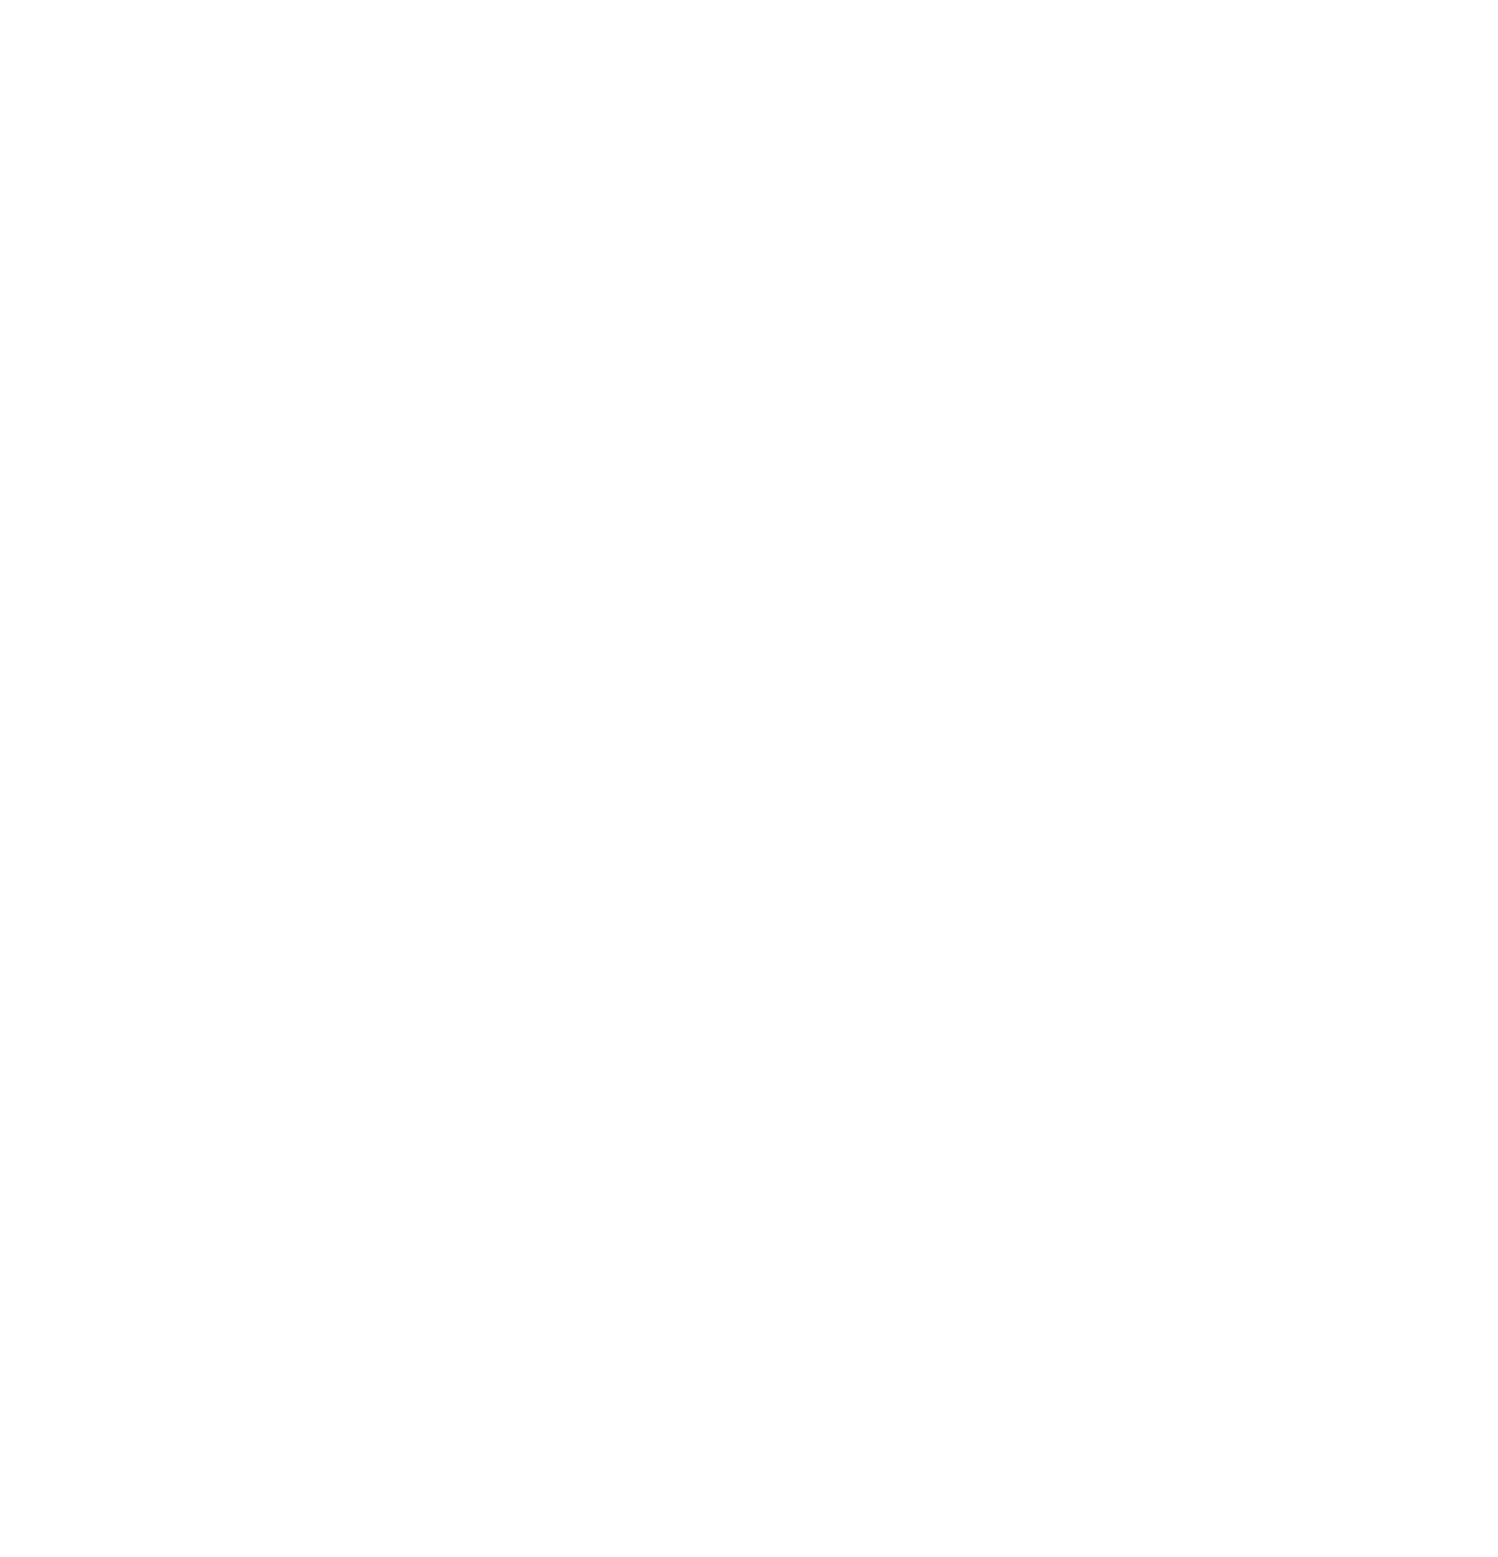 Women of Praize